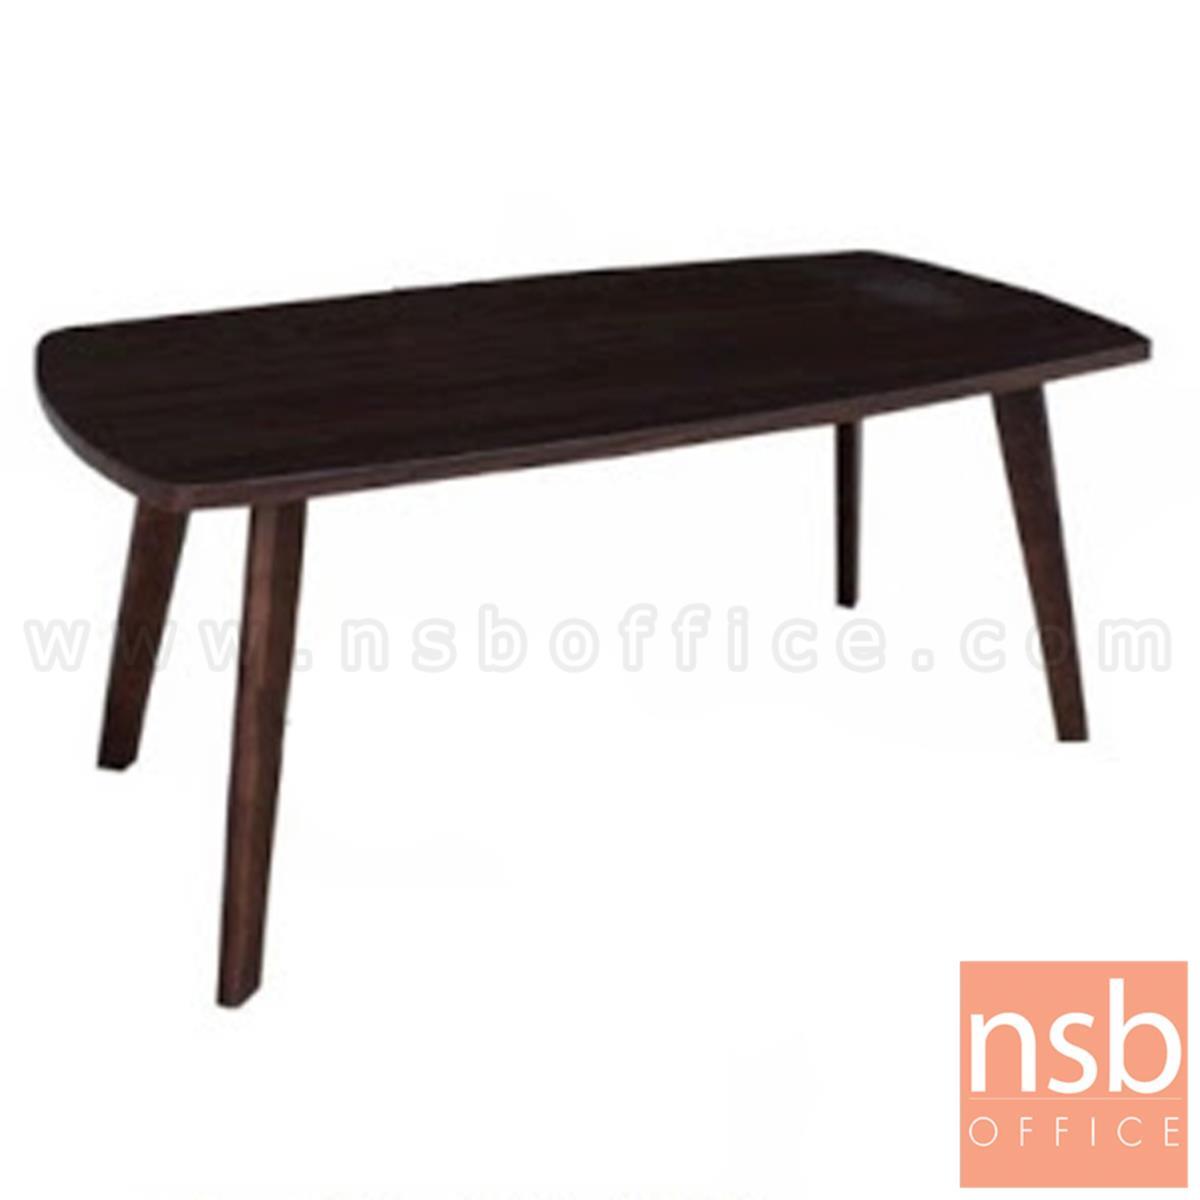 โต๊ะกลางไม้ รุ่น Angvish (แองวิช) ขนาด 100W cm. ขาไม้